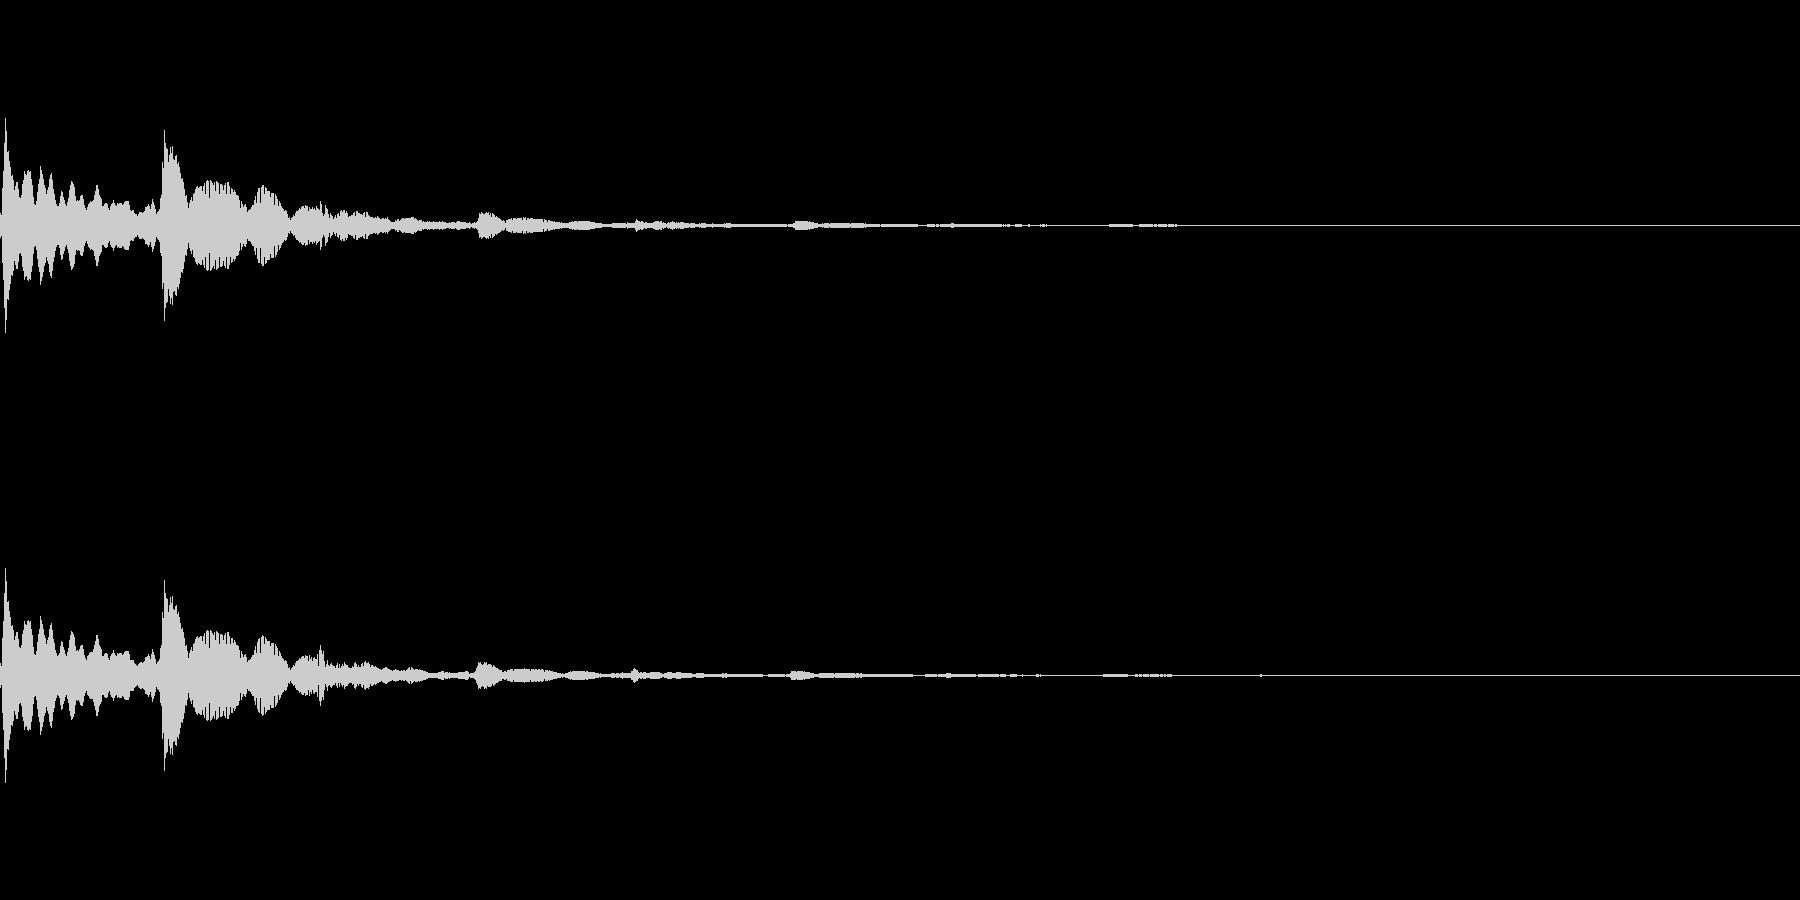 ピコン(タップ・お知らせ・通知音)の未再生の波形